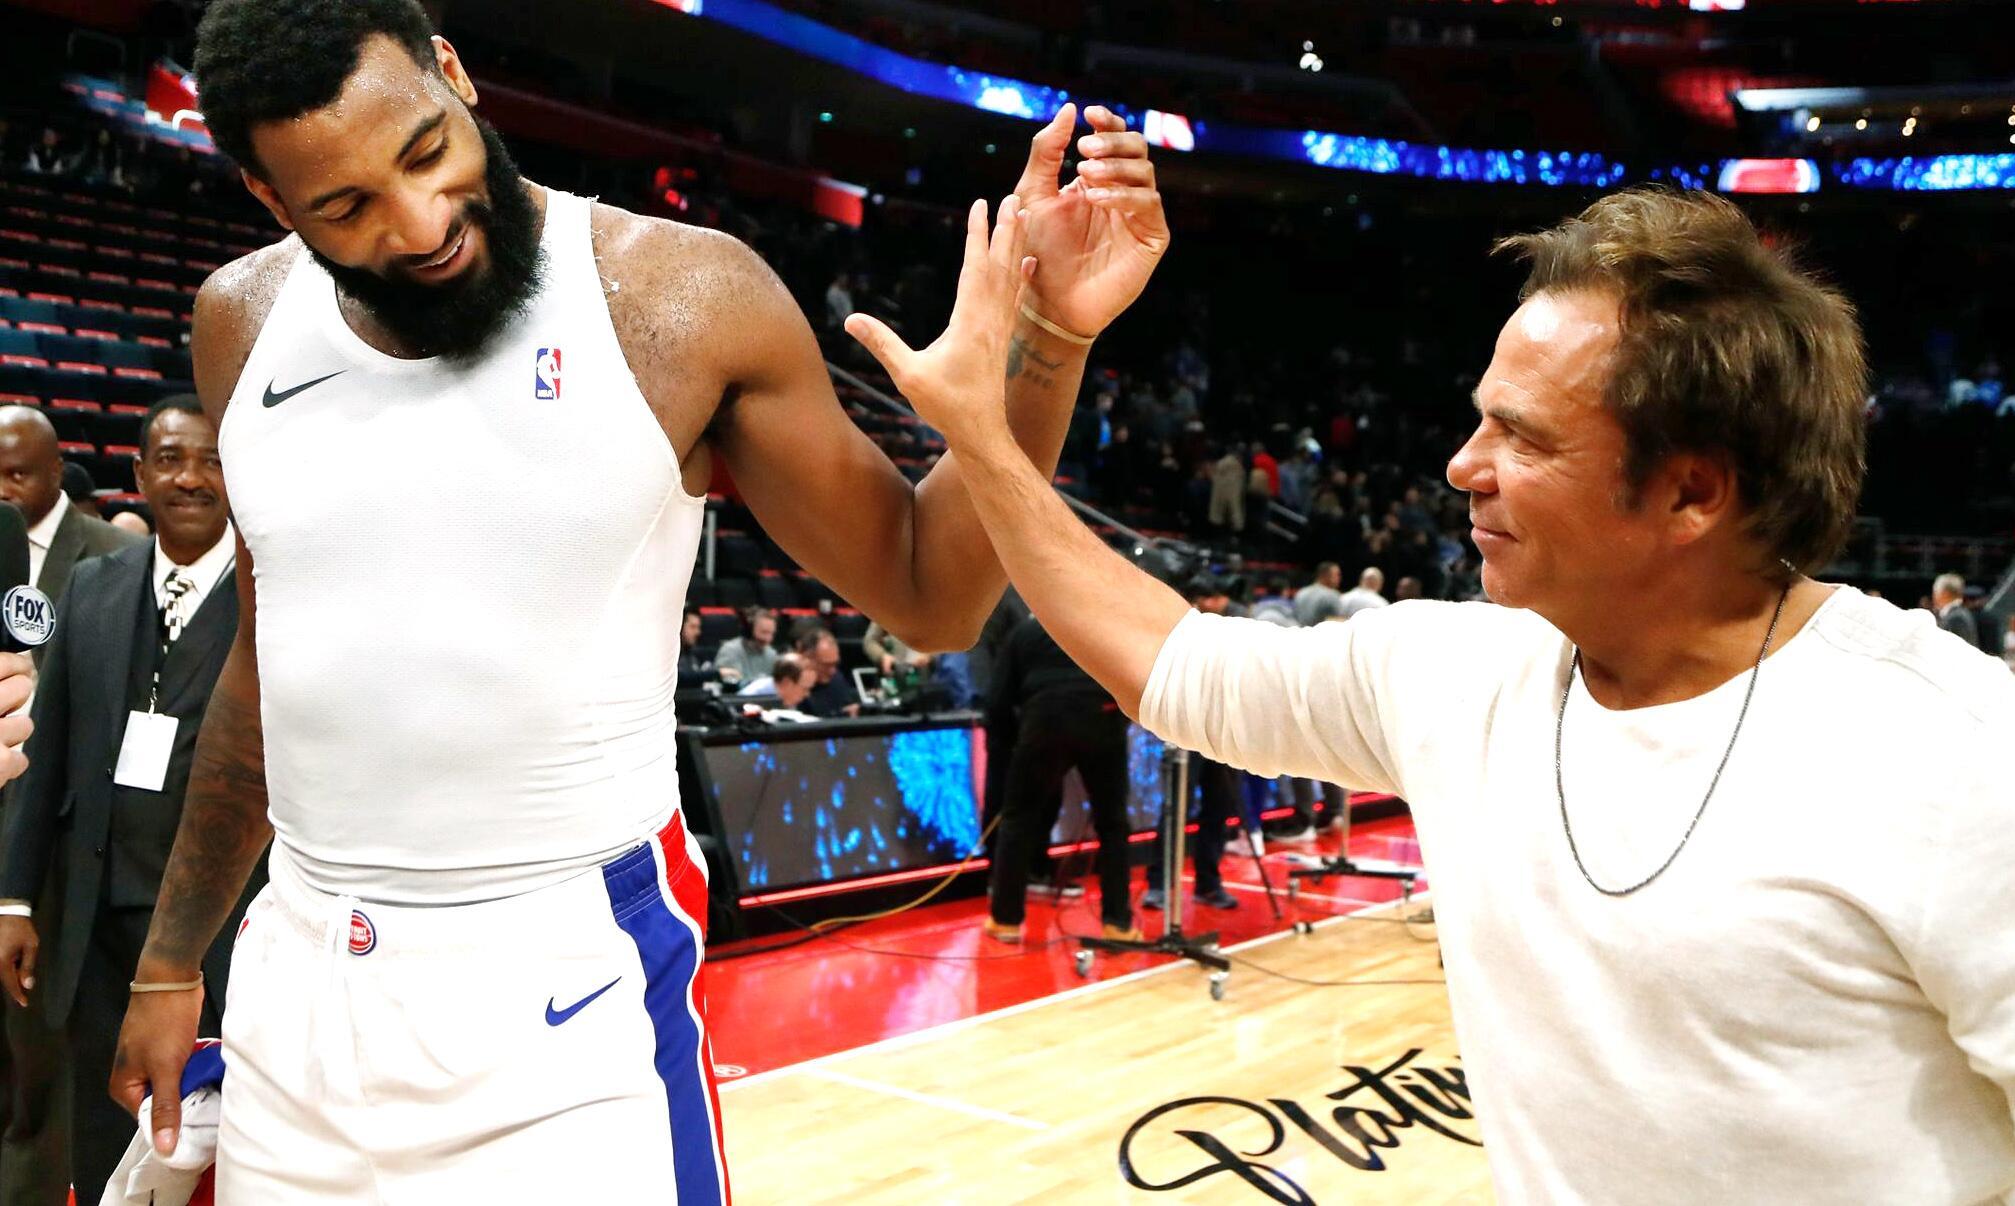 Bild zu NBA-Basketballer Drummond gibt gigantisches Trinkgeld in Restaura